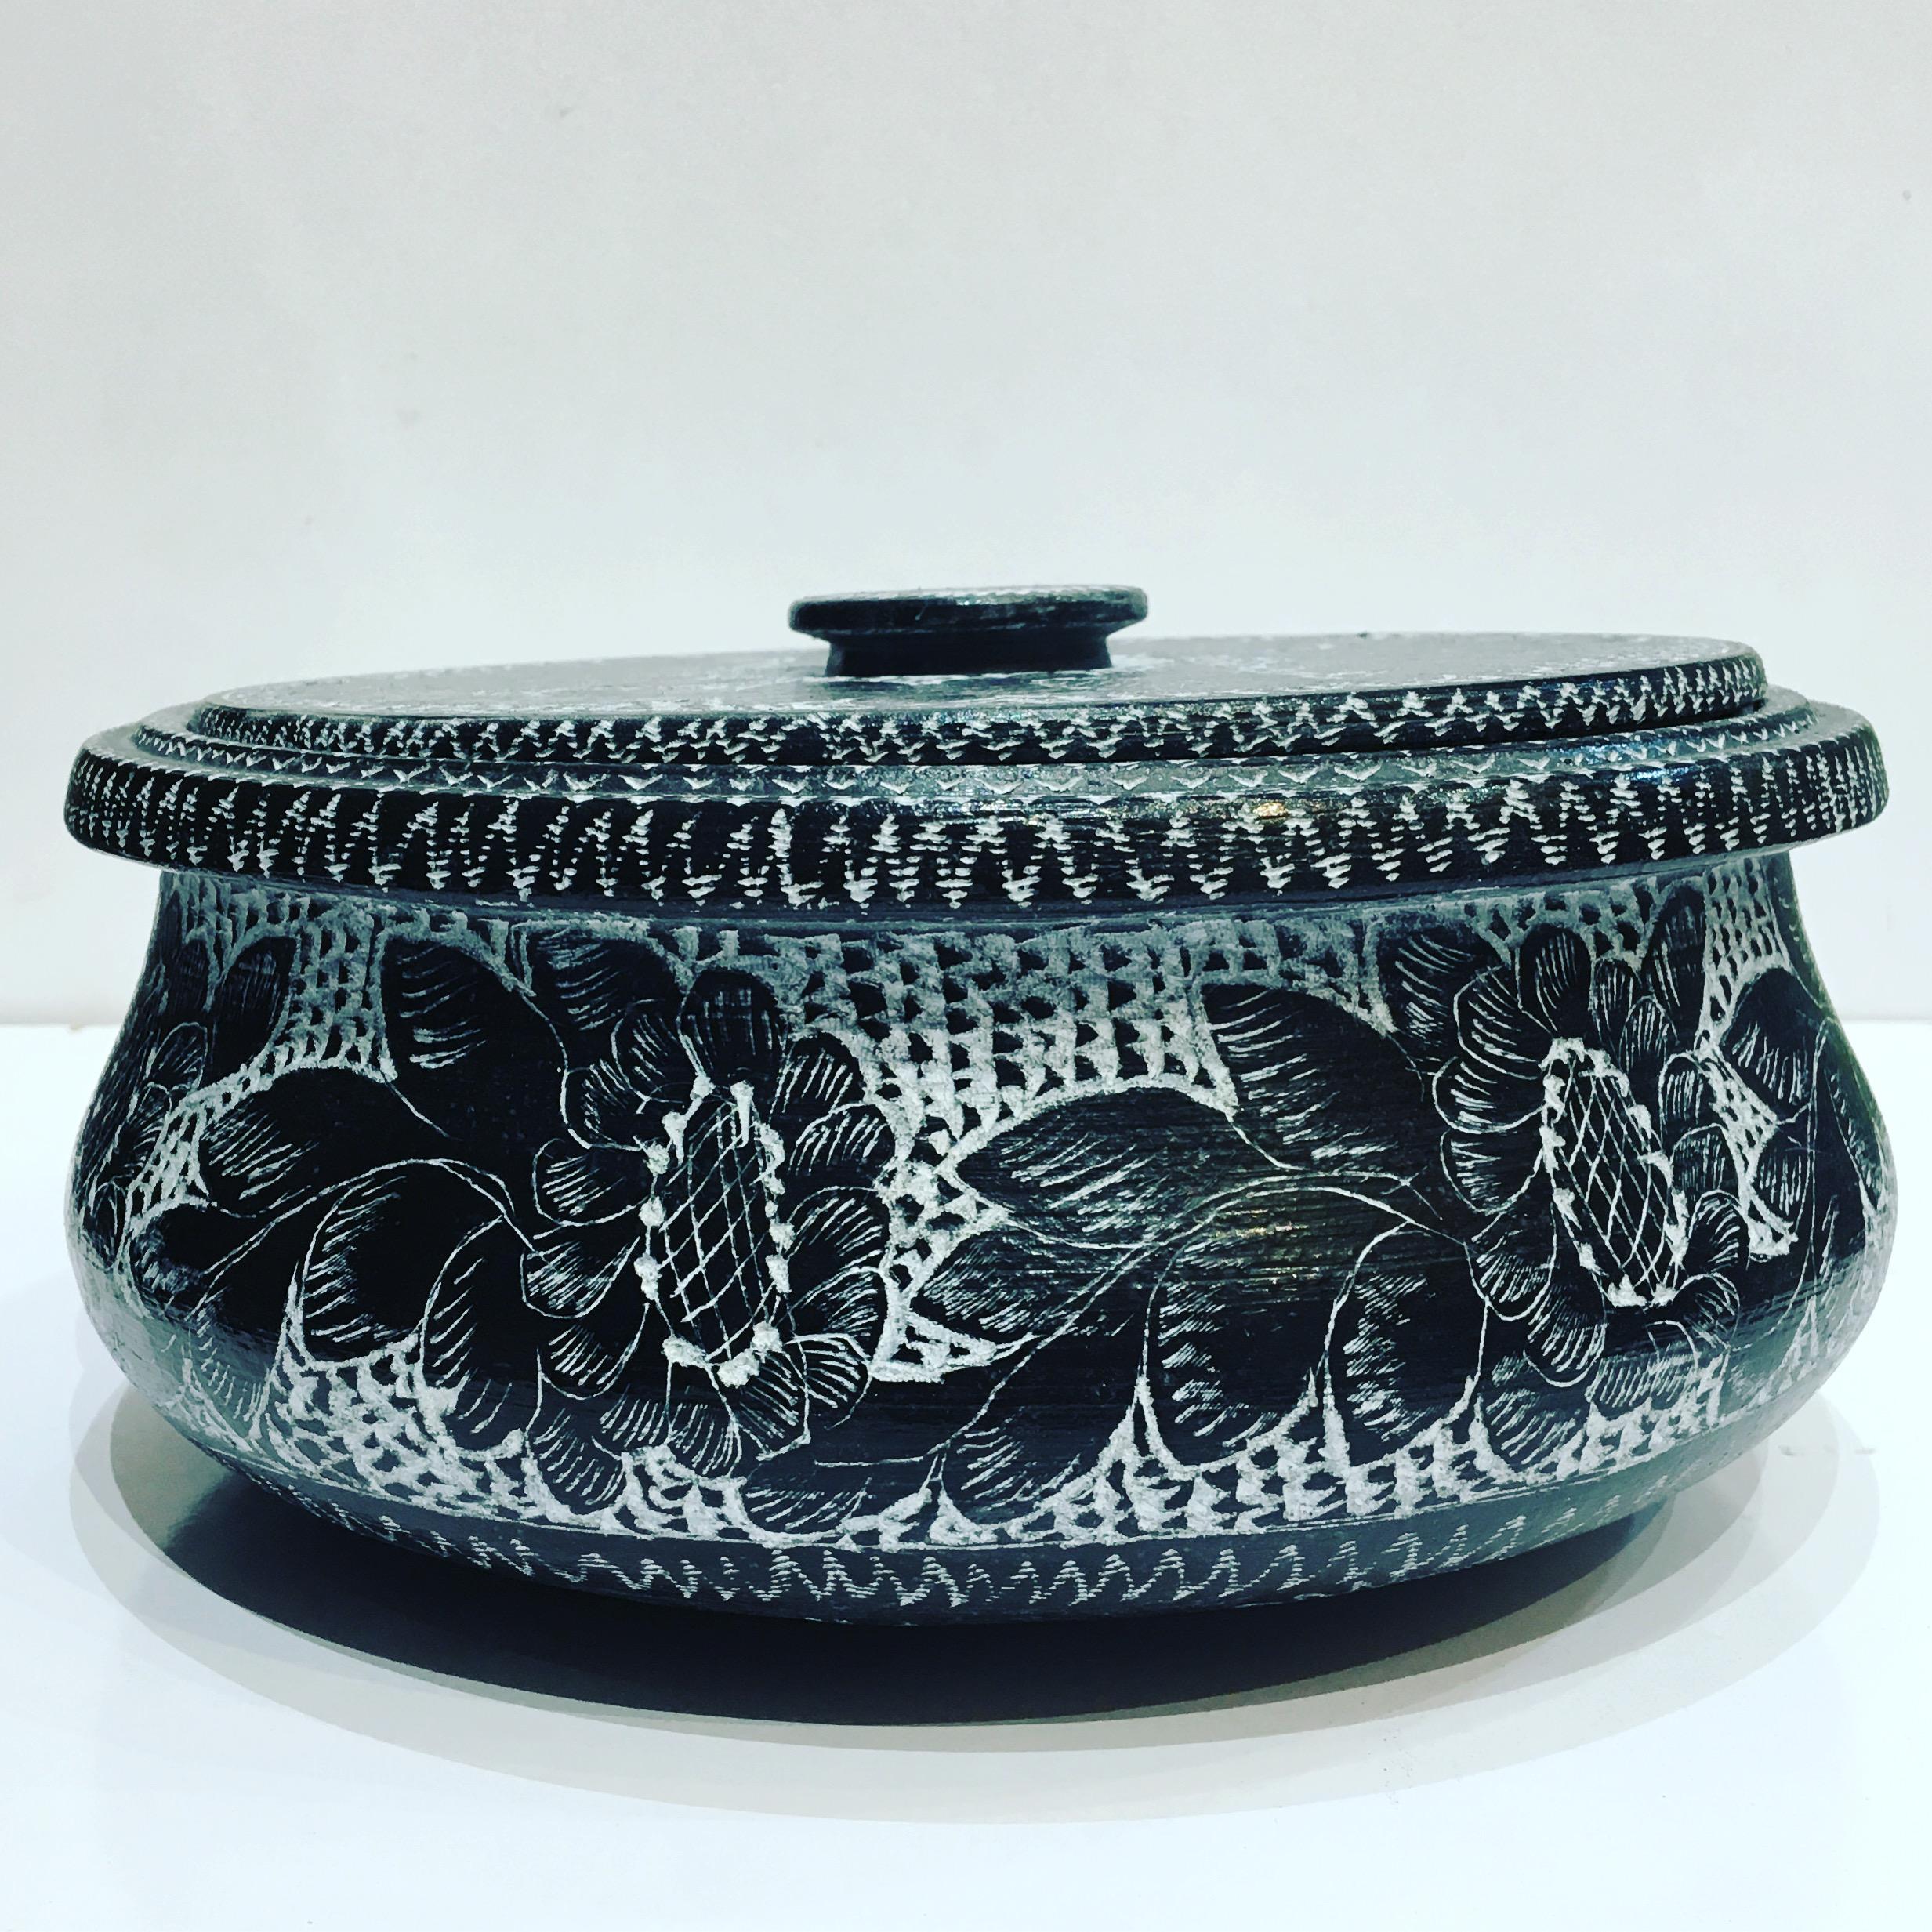 خرید                      ظرف دیزی سنگی طرح تابه ای کد DZTA 0505